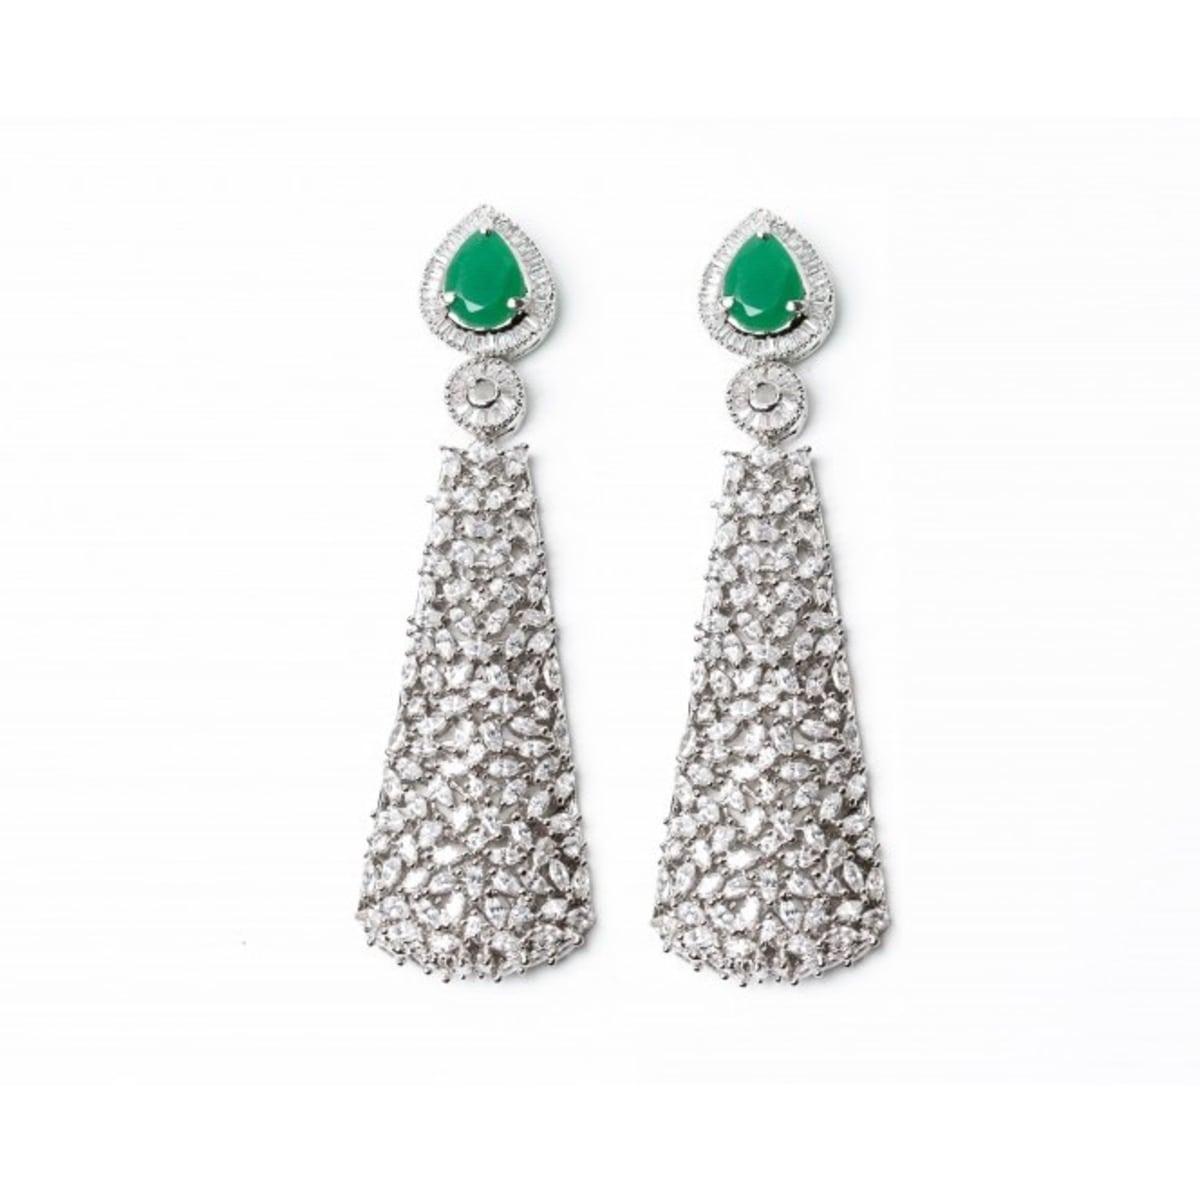 Maheen emerald cubic zircon earrings, Holiday Pop-up 2017